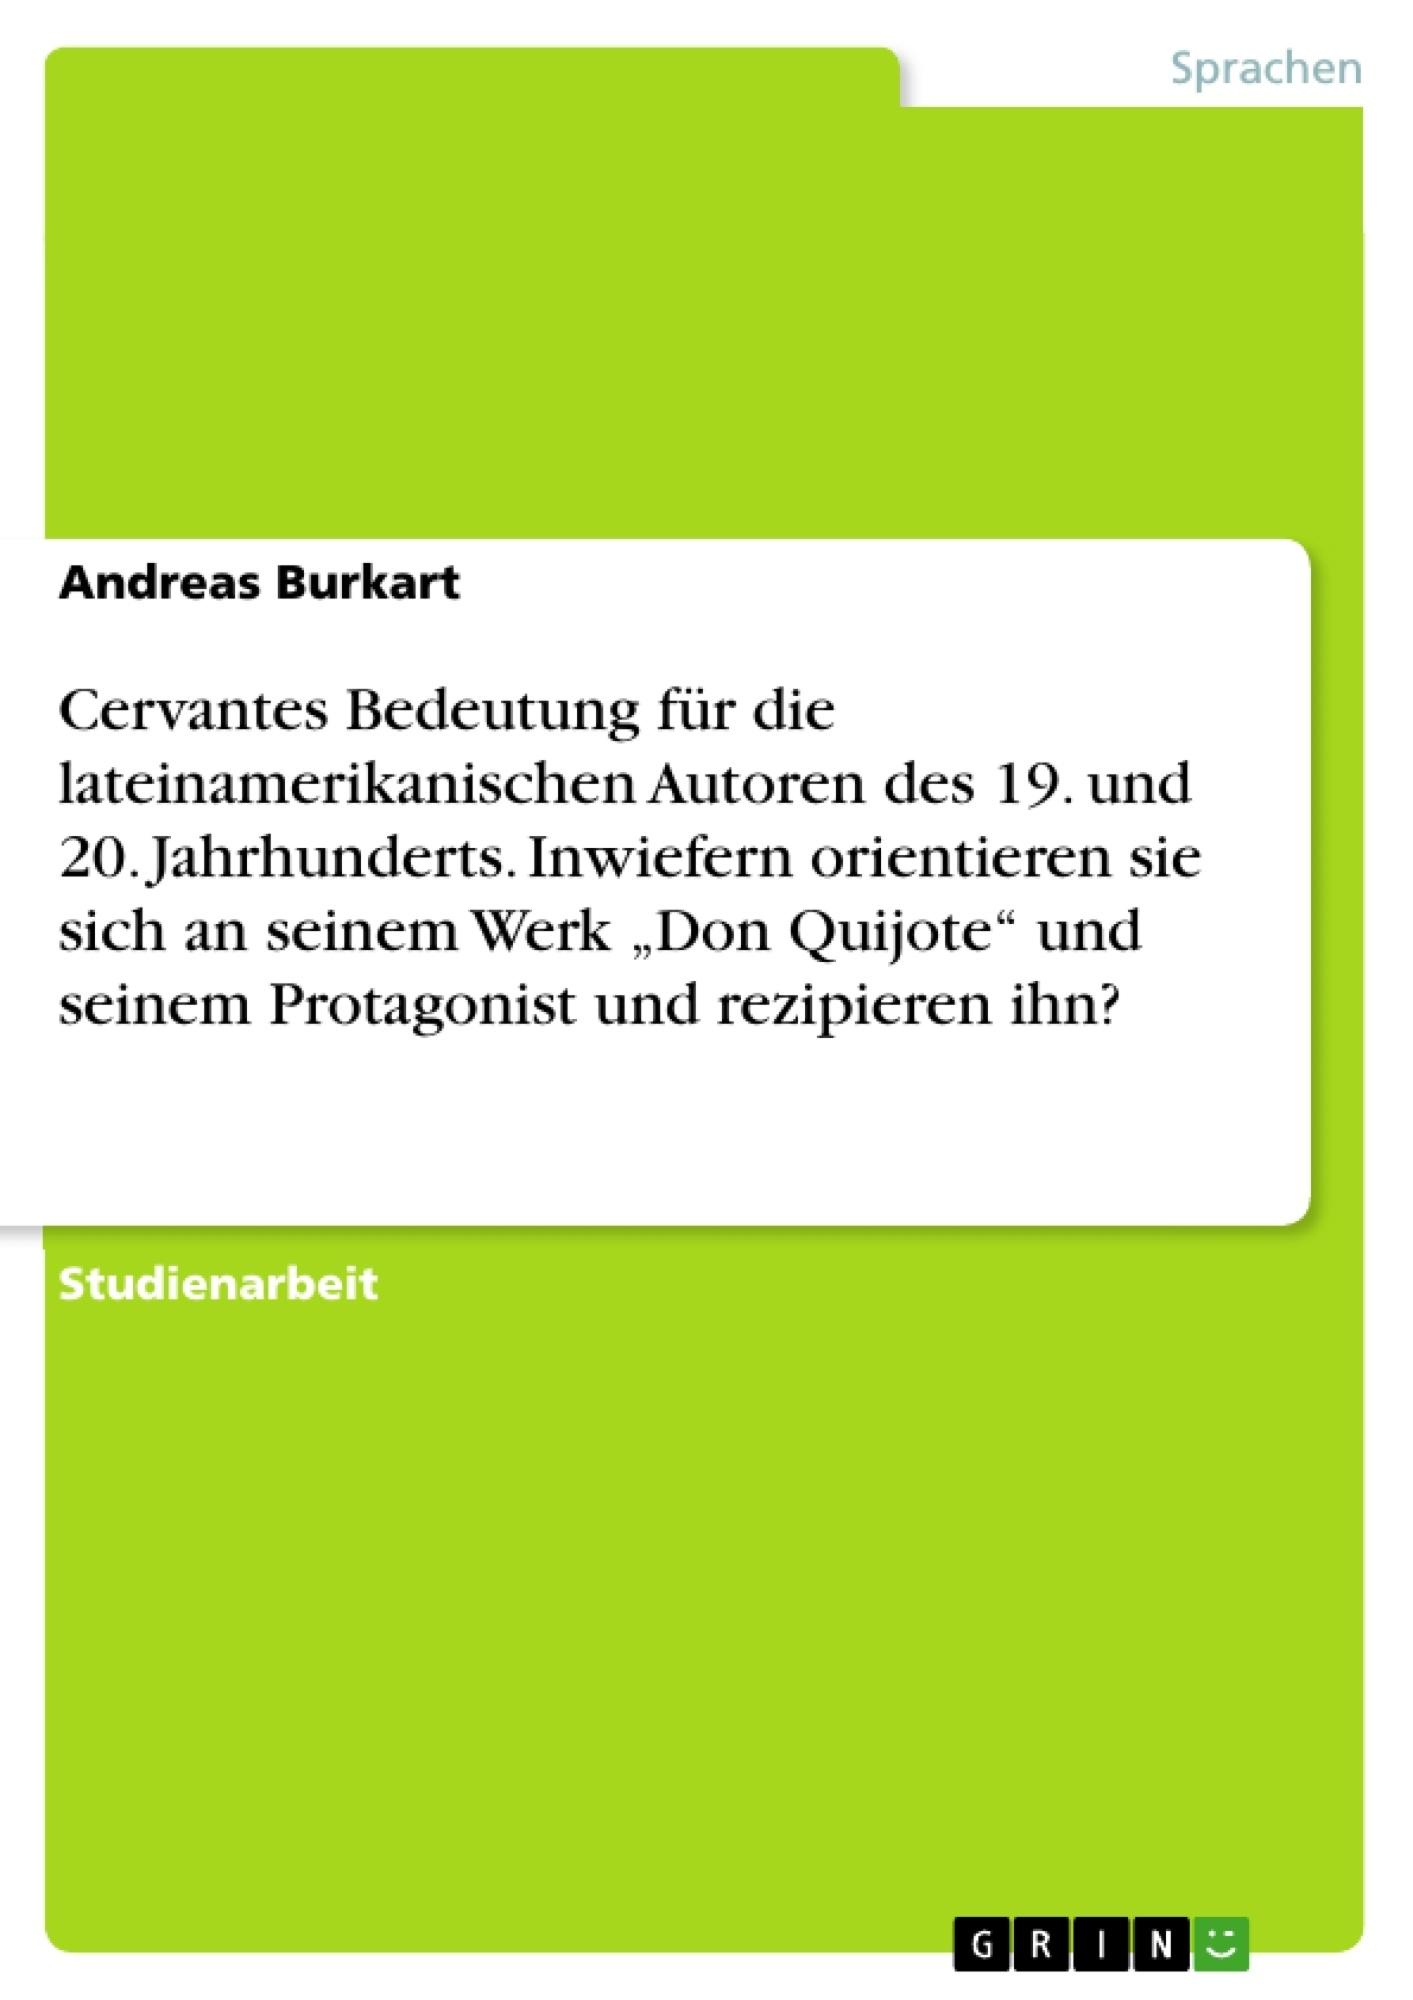 """Titel: Cervantes Bedeutung für die lateinamerikanischen Autoren des 19. und 20. Jahrhunderts. Inwiefern orientieren sie sich an seinem Werk """"Don Quijote"""" und seinem Protagonist und rezipieren ihn?"""